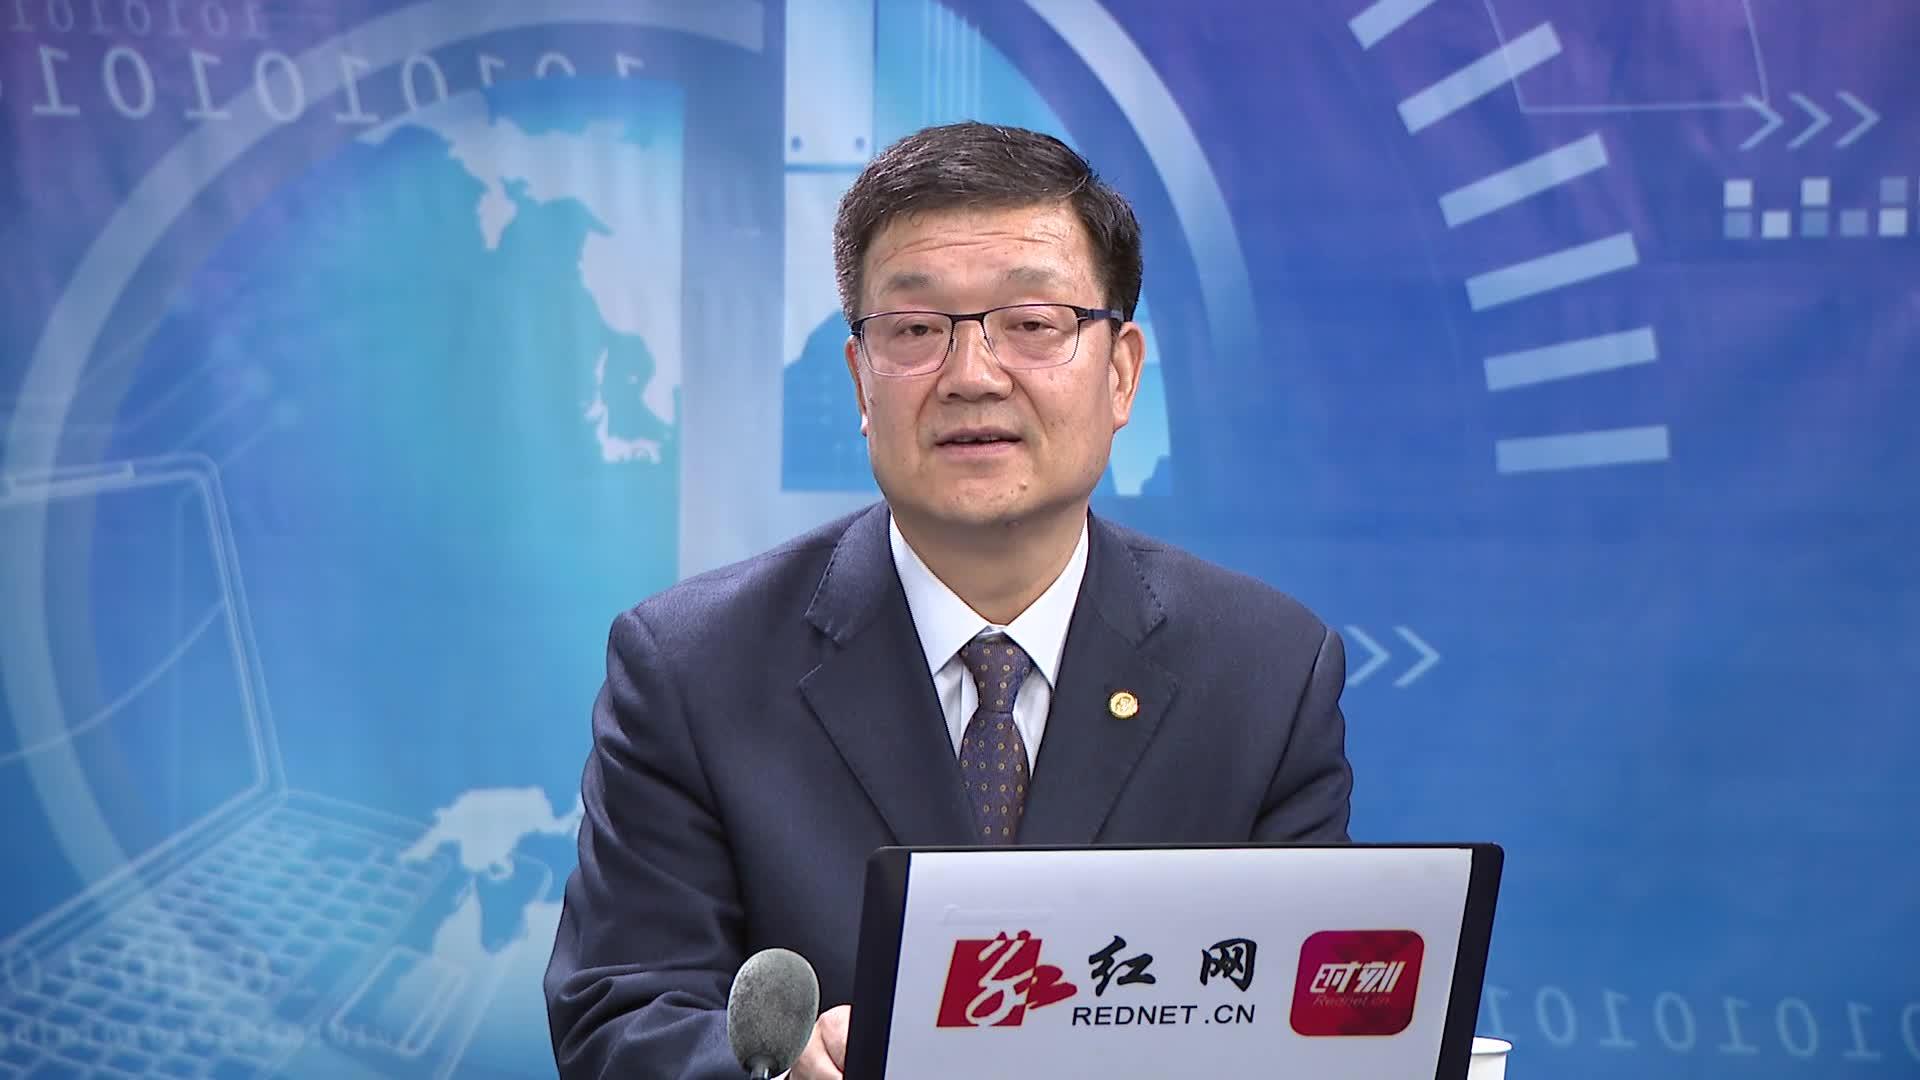 湖南省食品药品监督管理局局长刘湘凌:坚持稳中求进,全面推进食品安全战略